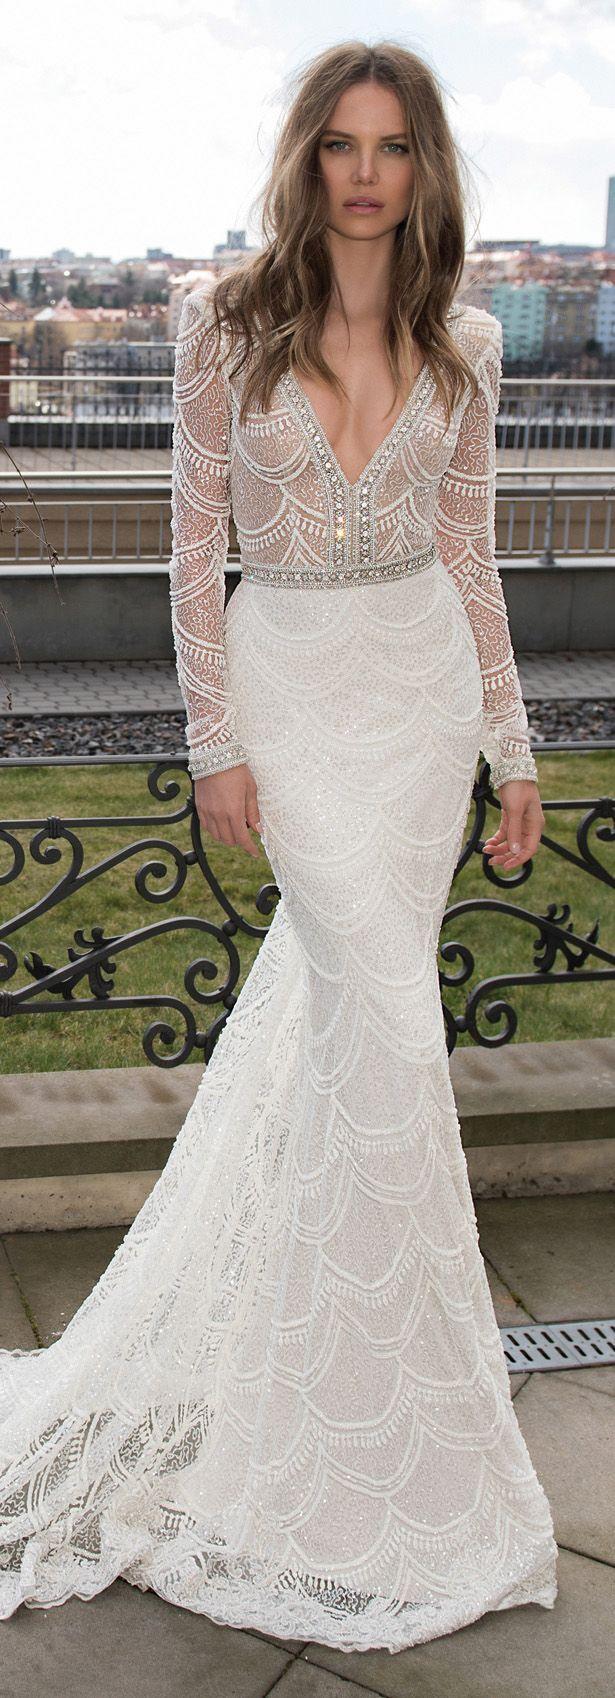 belle robe de mariage en photos 076 et plus encore sur www.robe2mariage.eu